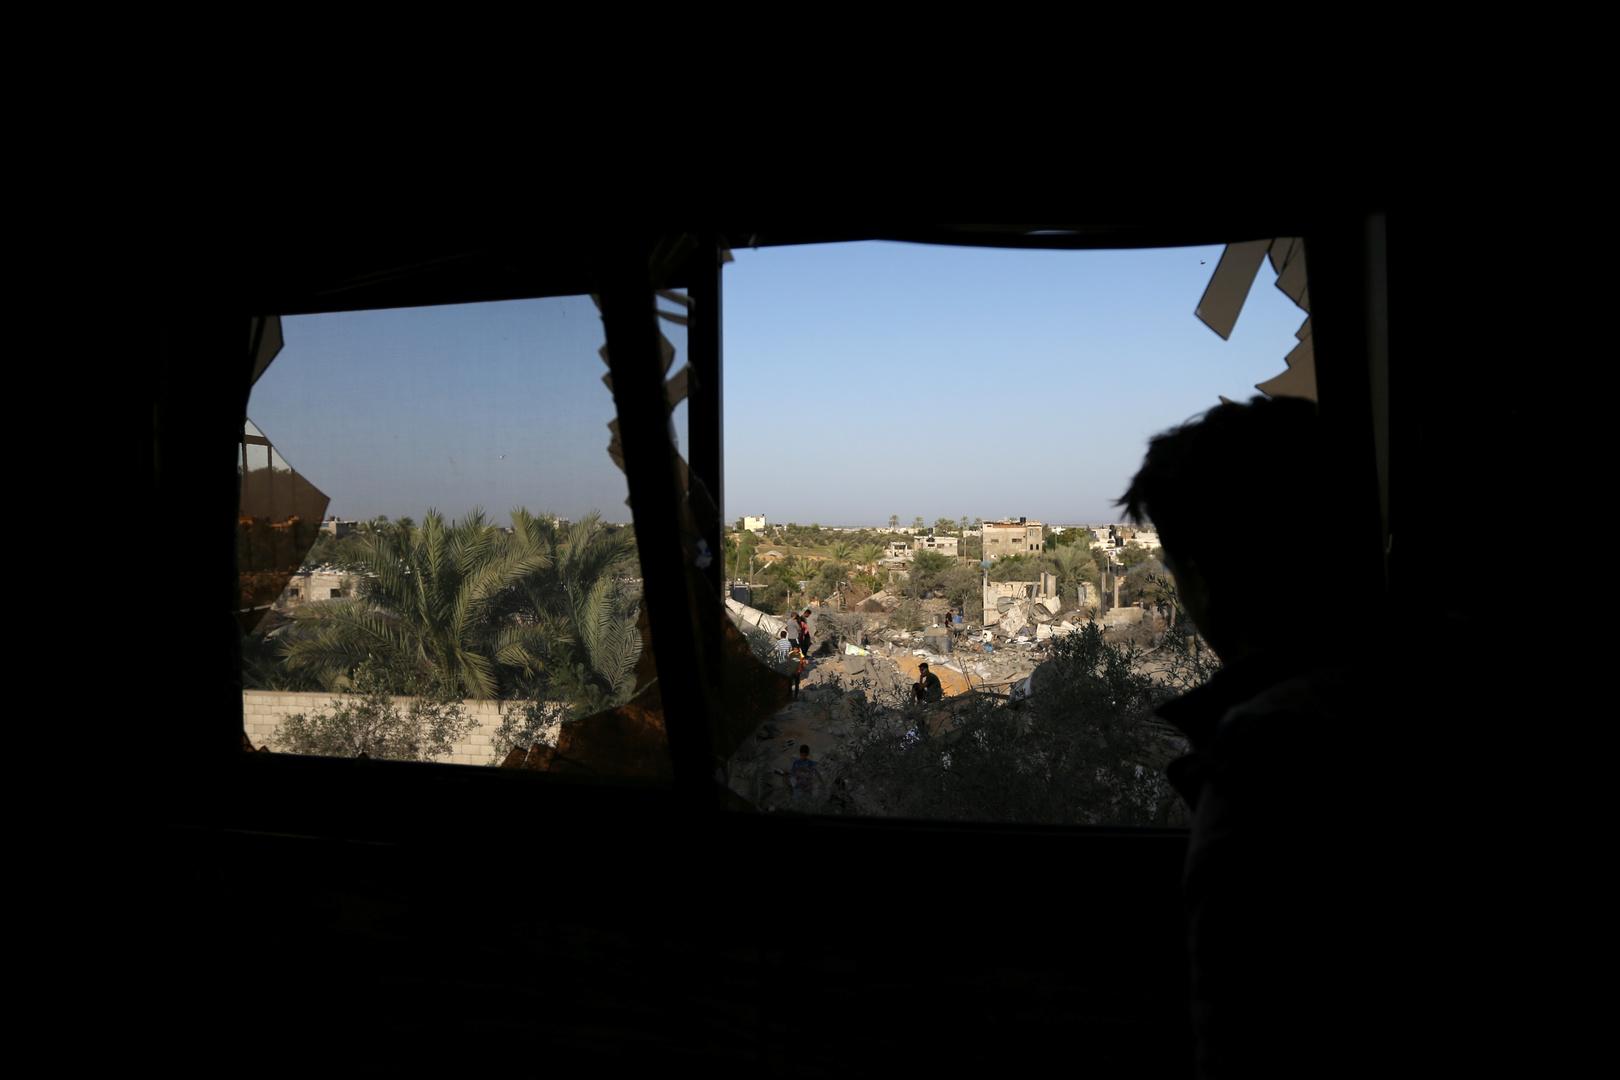 الجيش الإسرائيلي يعلن مقتل مسؤول الصواريخ في